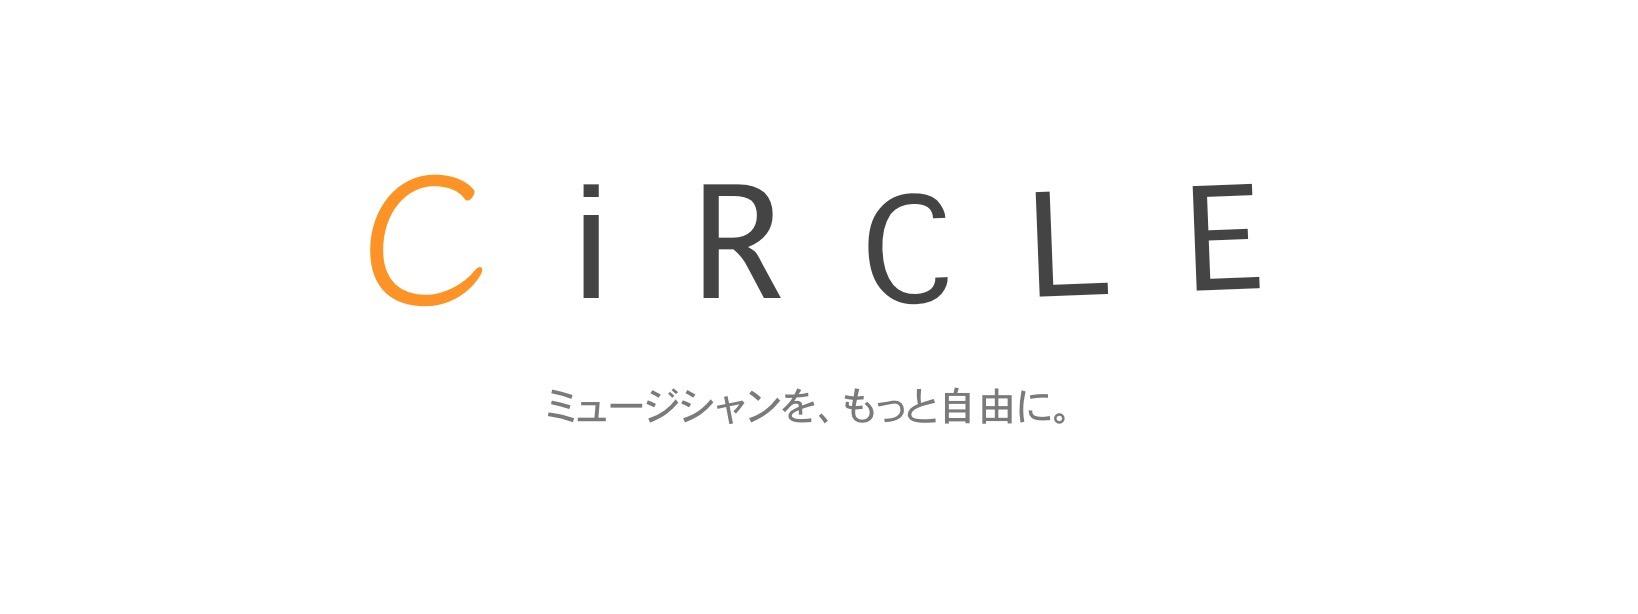 音楽理論って楽しい - 日本初の音楽理論Webマガジン「サークル」